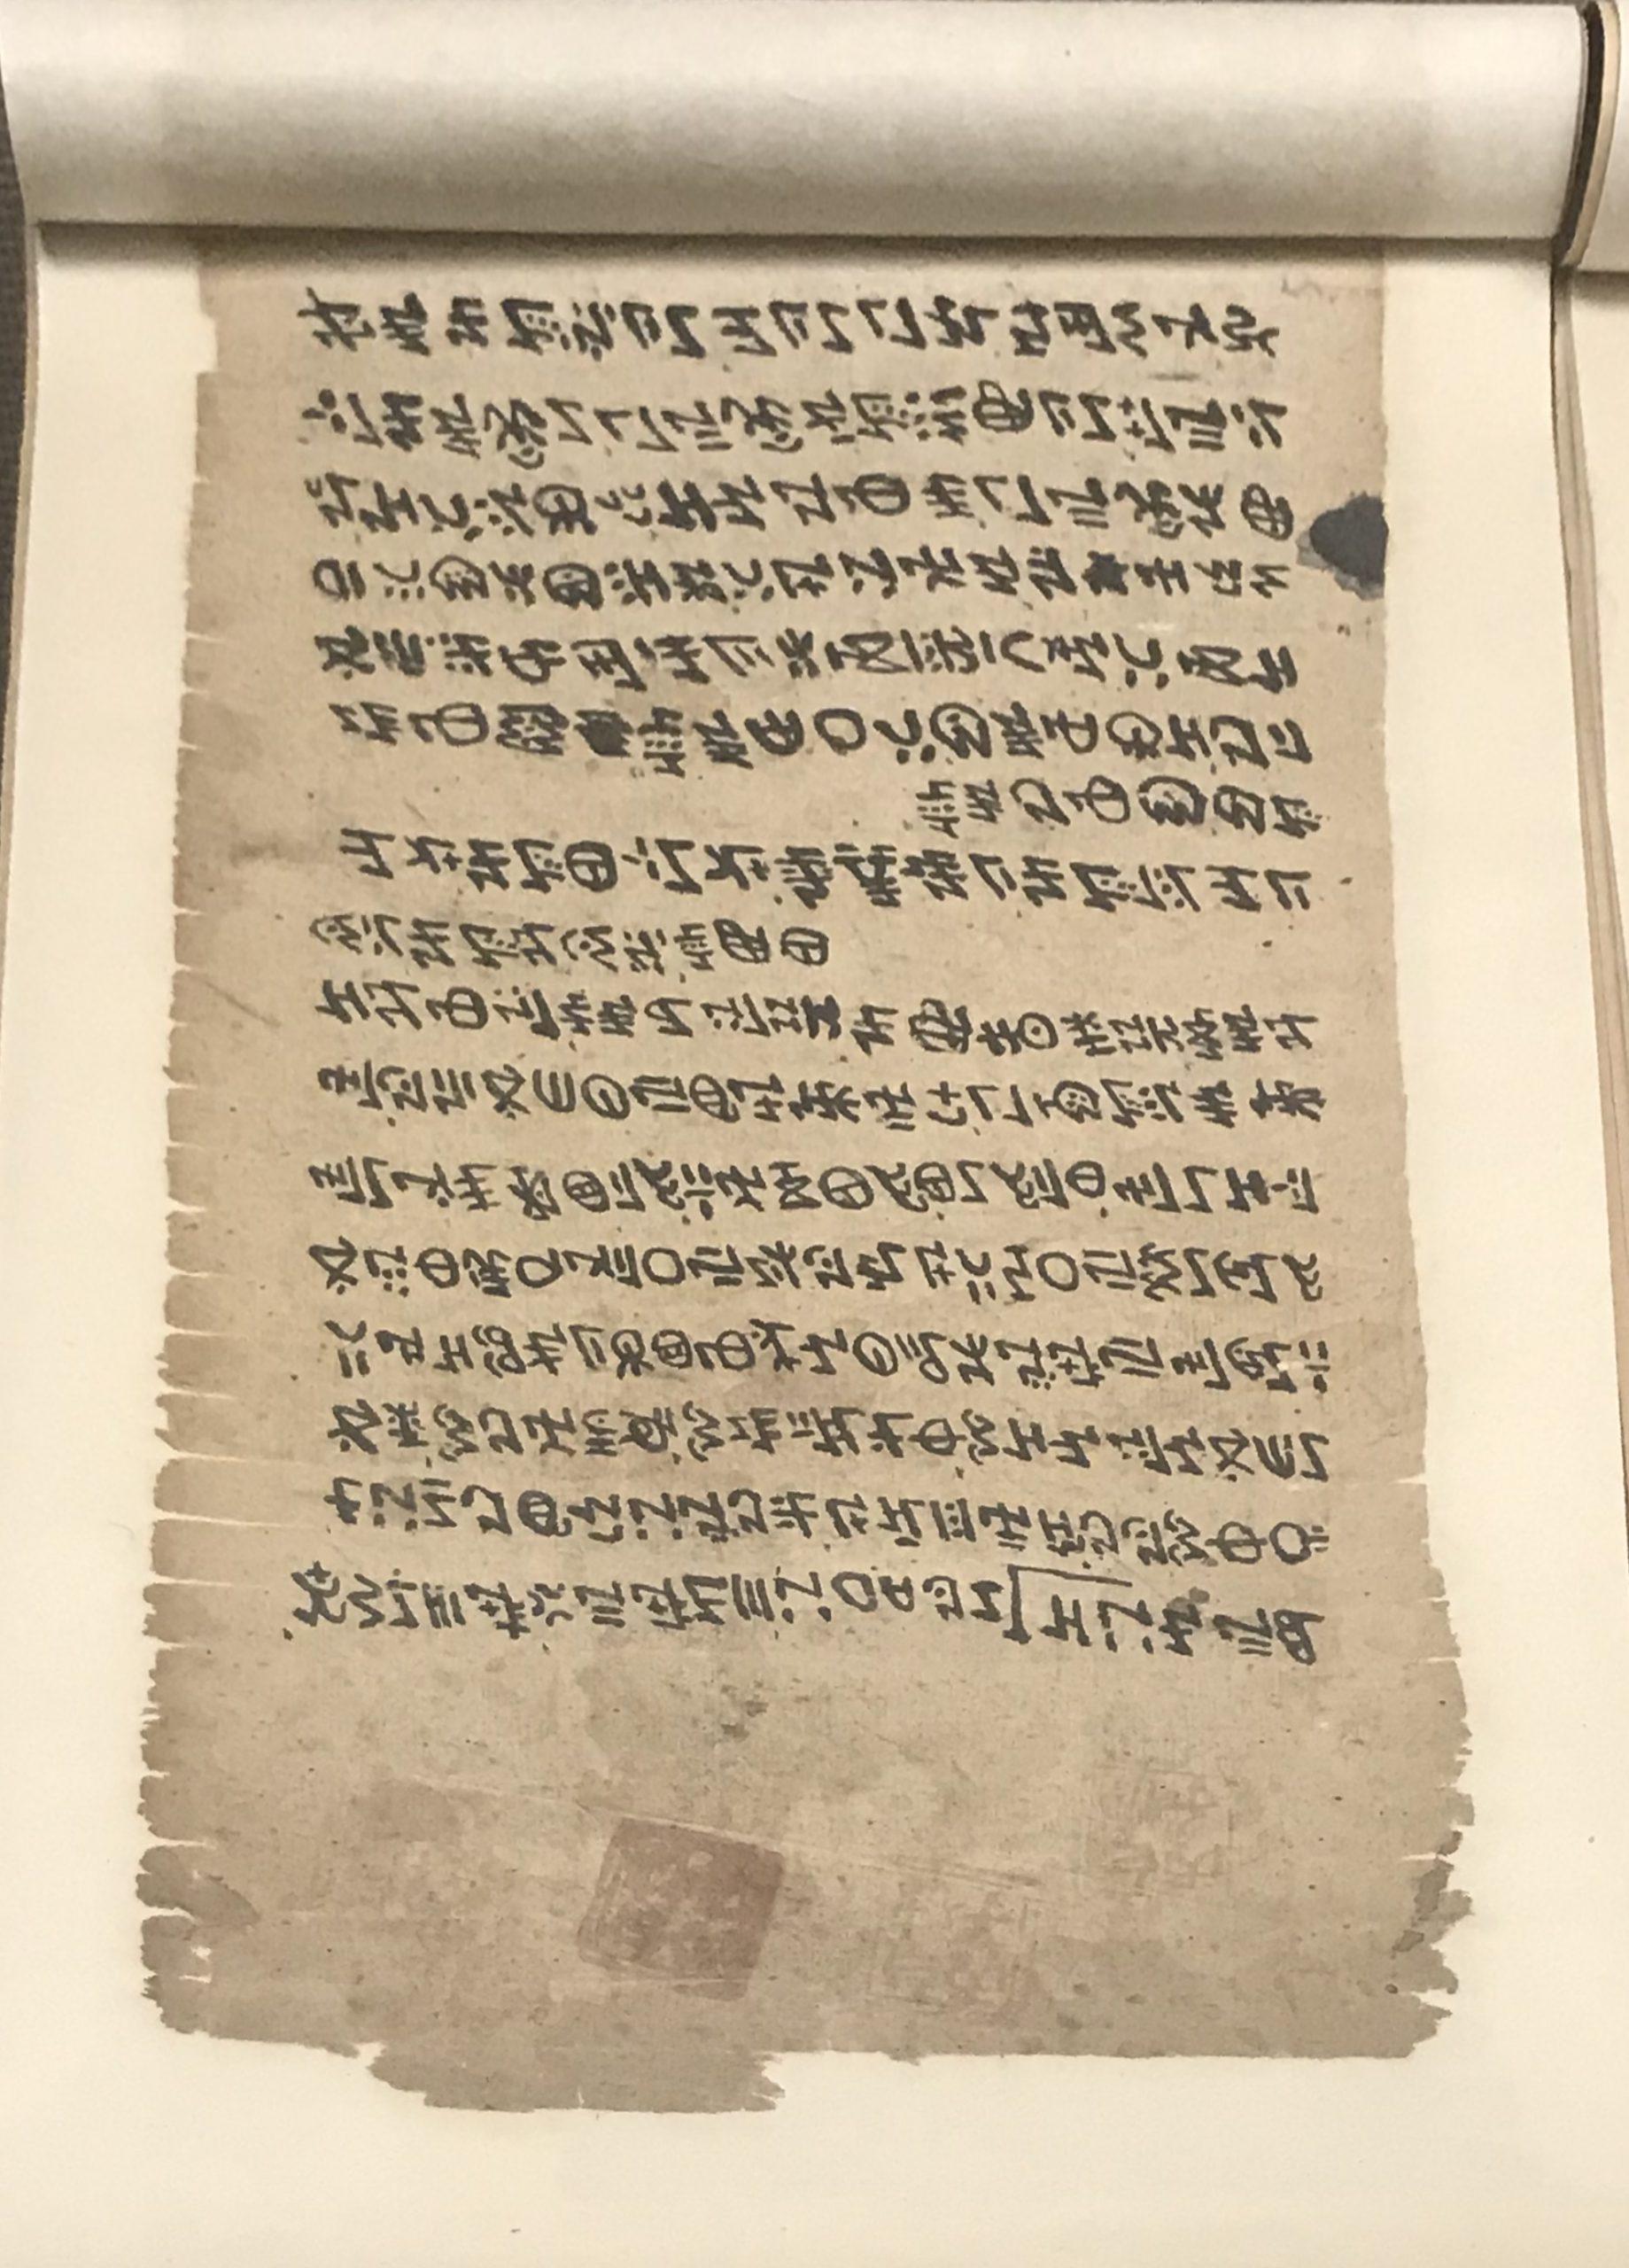 彜文咒鬼経-彜族宗教-四川民族文物館-四川博物館-成都